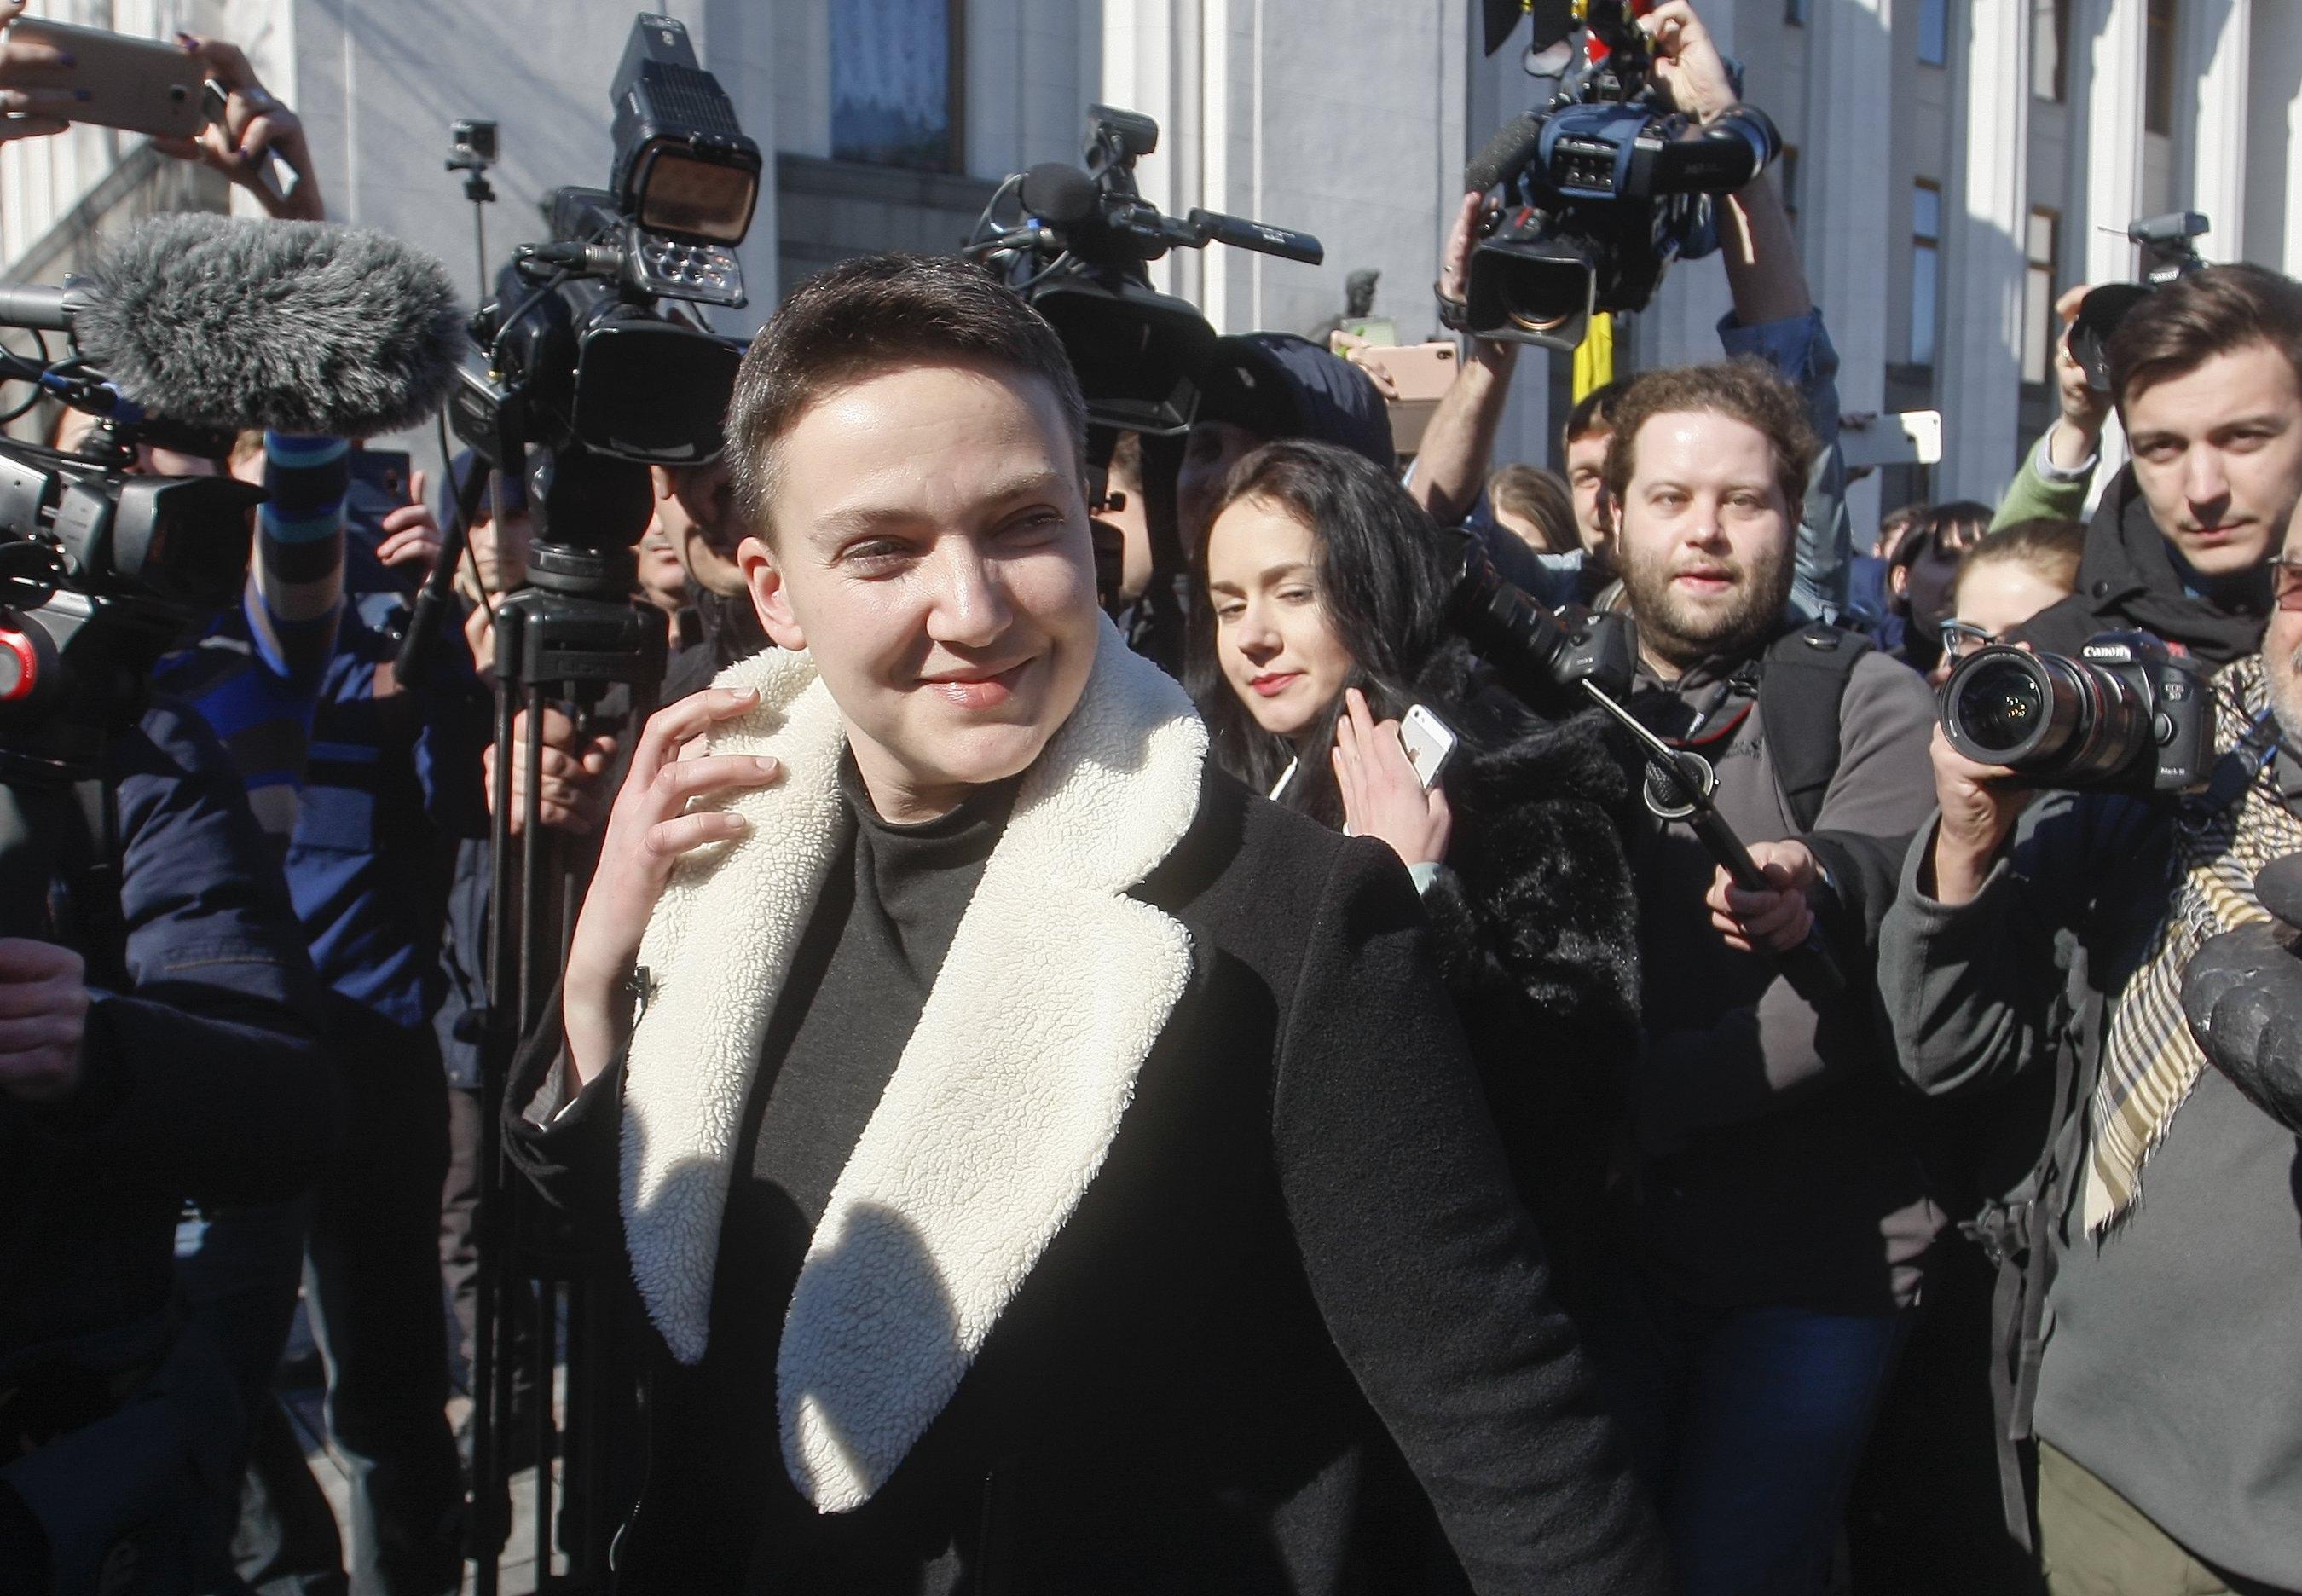 Ukrajina uhitila donedavnu junakinju Savčenko zbog planiranja prevrata